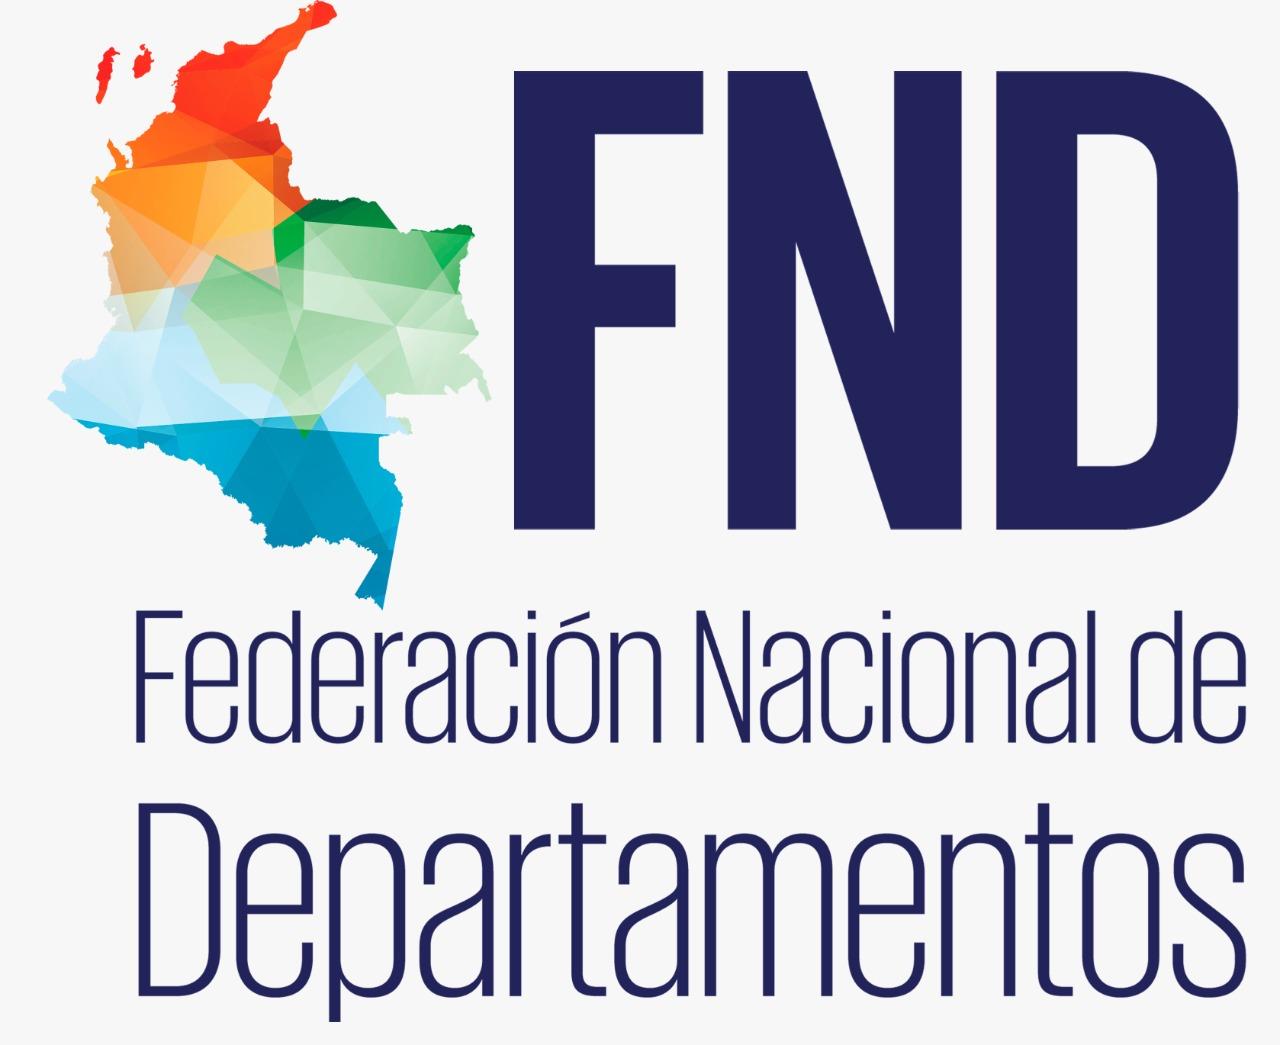 La Organización de Estados Iberoamericanos (OEI), suscribe dos Convenios de Cooperación con la Federación Nacional de Departamentos (FND)